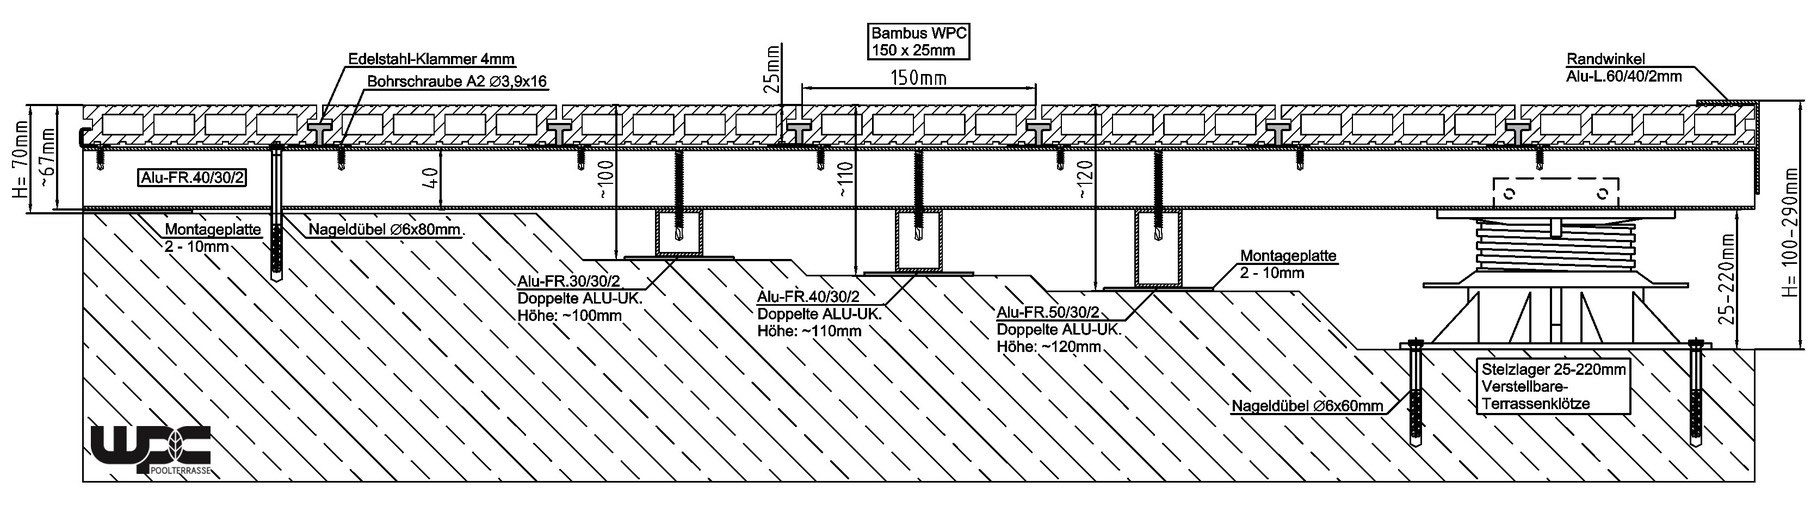 Hervorragend WPC / BPC Montageanleitung / Verlegeanleitung zu selbst verlegen OY51